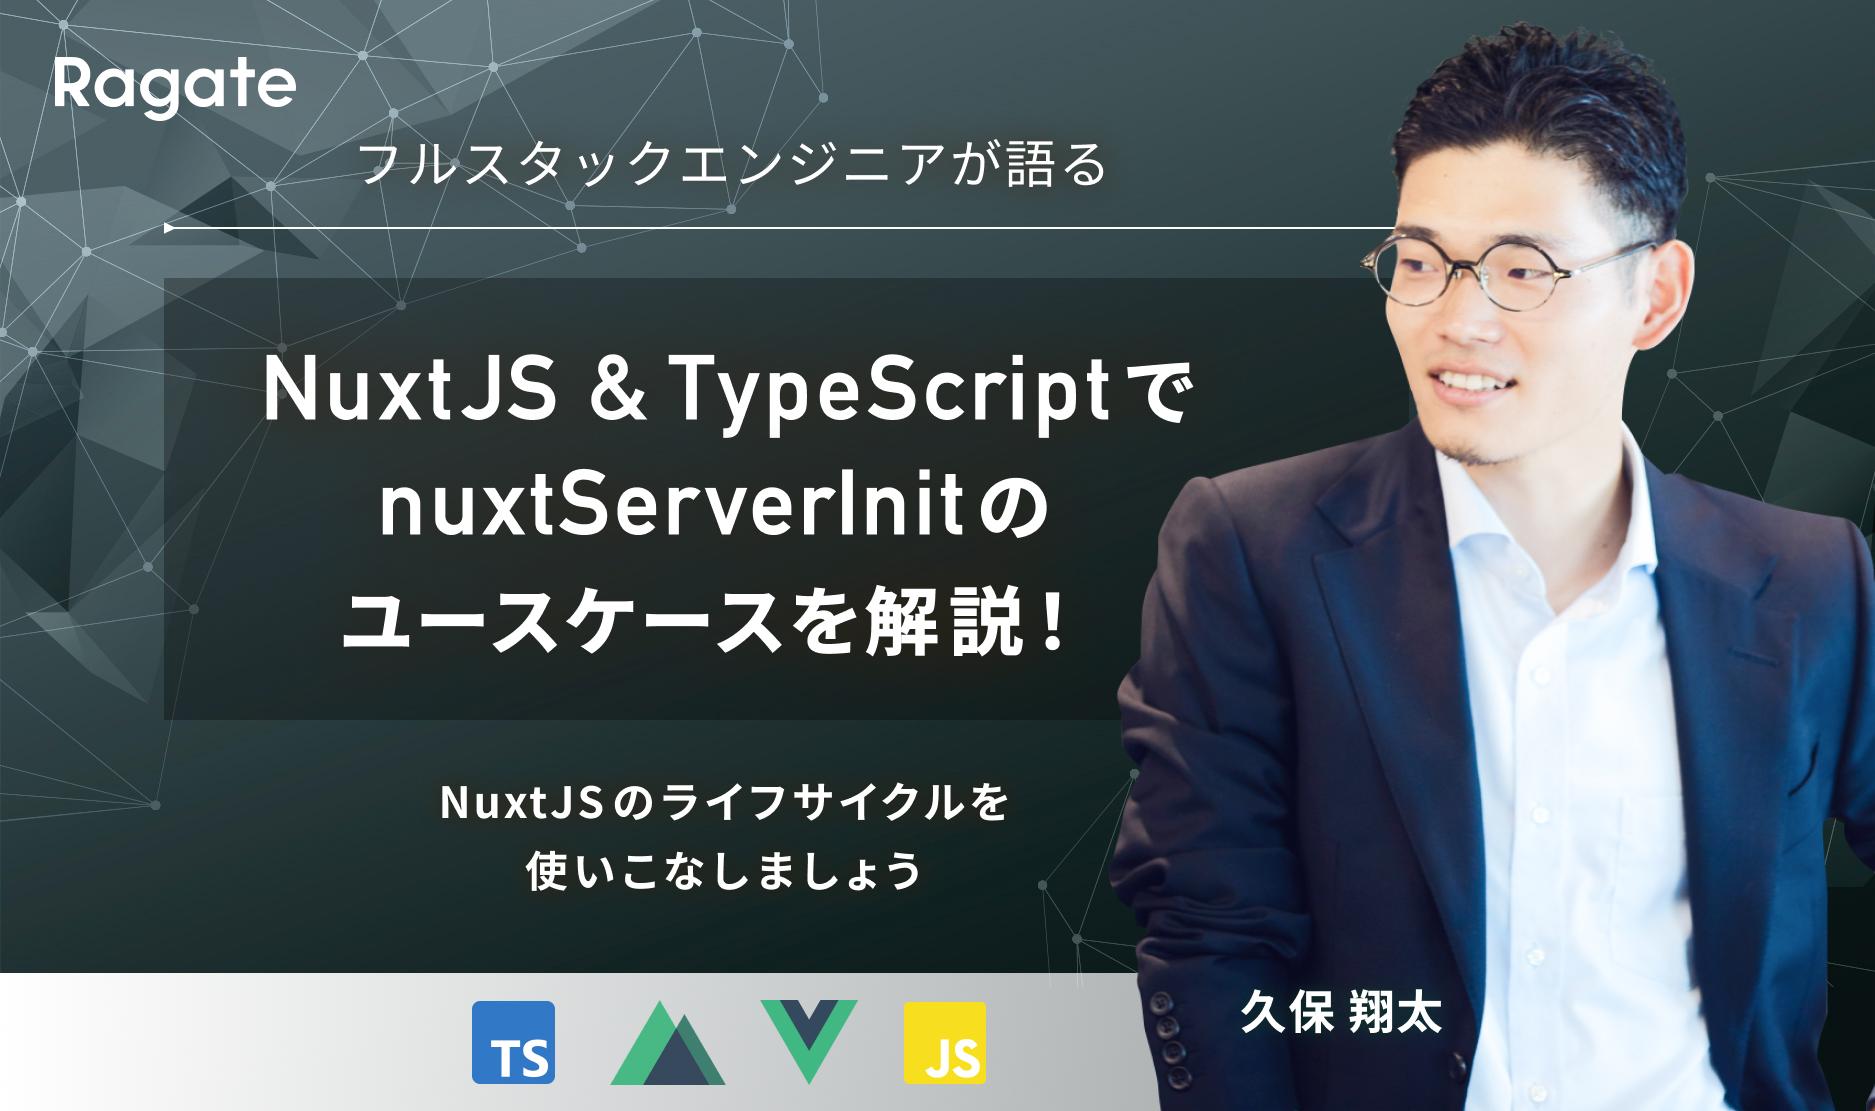 NuxtJSとTypeScriptでnuxtServerInitのユースケースを解説!NuxtJSのライフサイクルを使いこなしましょう